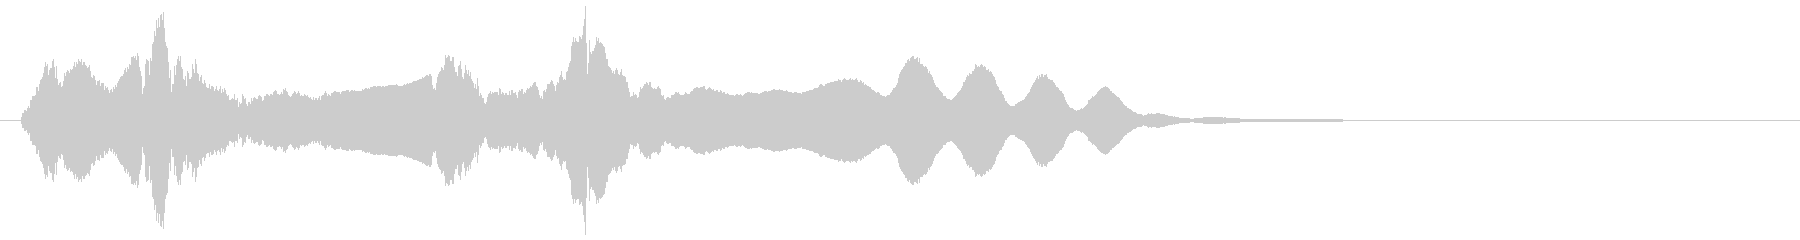 尺八ソロによるジングル_02の未再生の波形